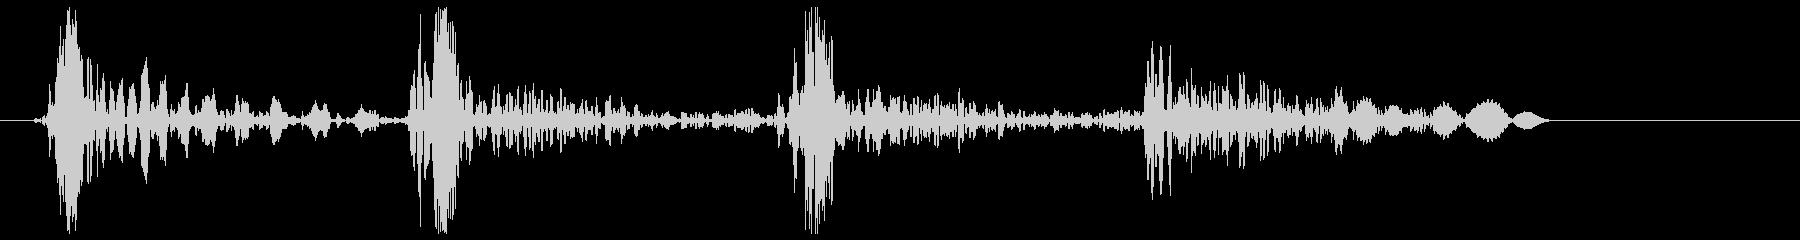 ポコポコ(何かを叩いたような音)の未再生の波形